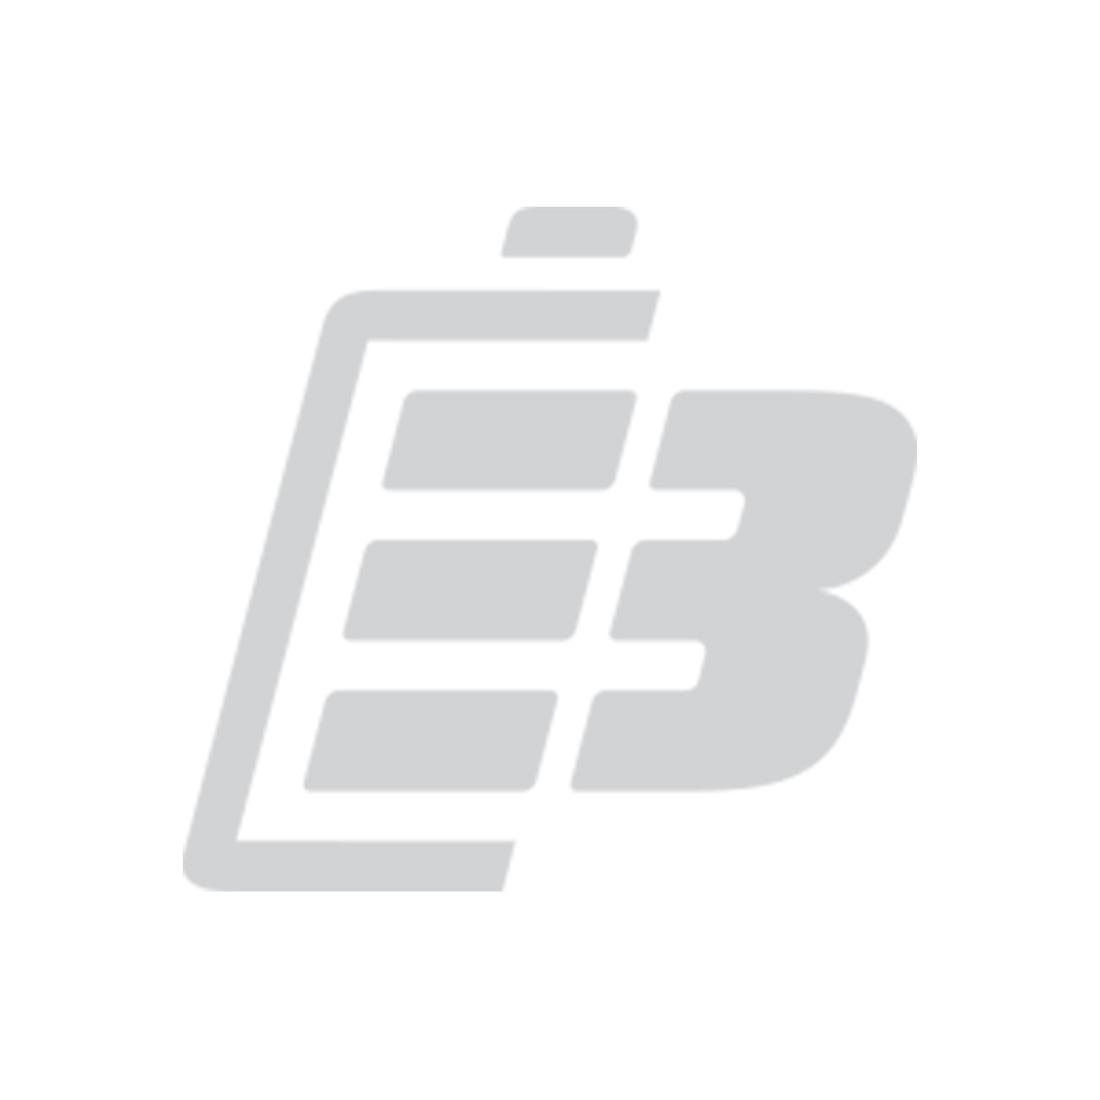 Power tool battery Metabo 12V 3.3Ah_1